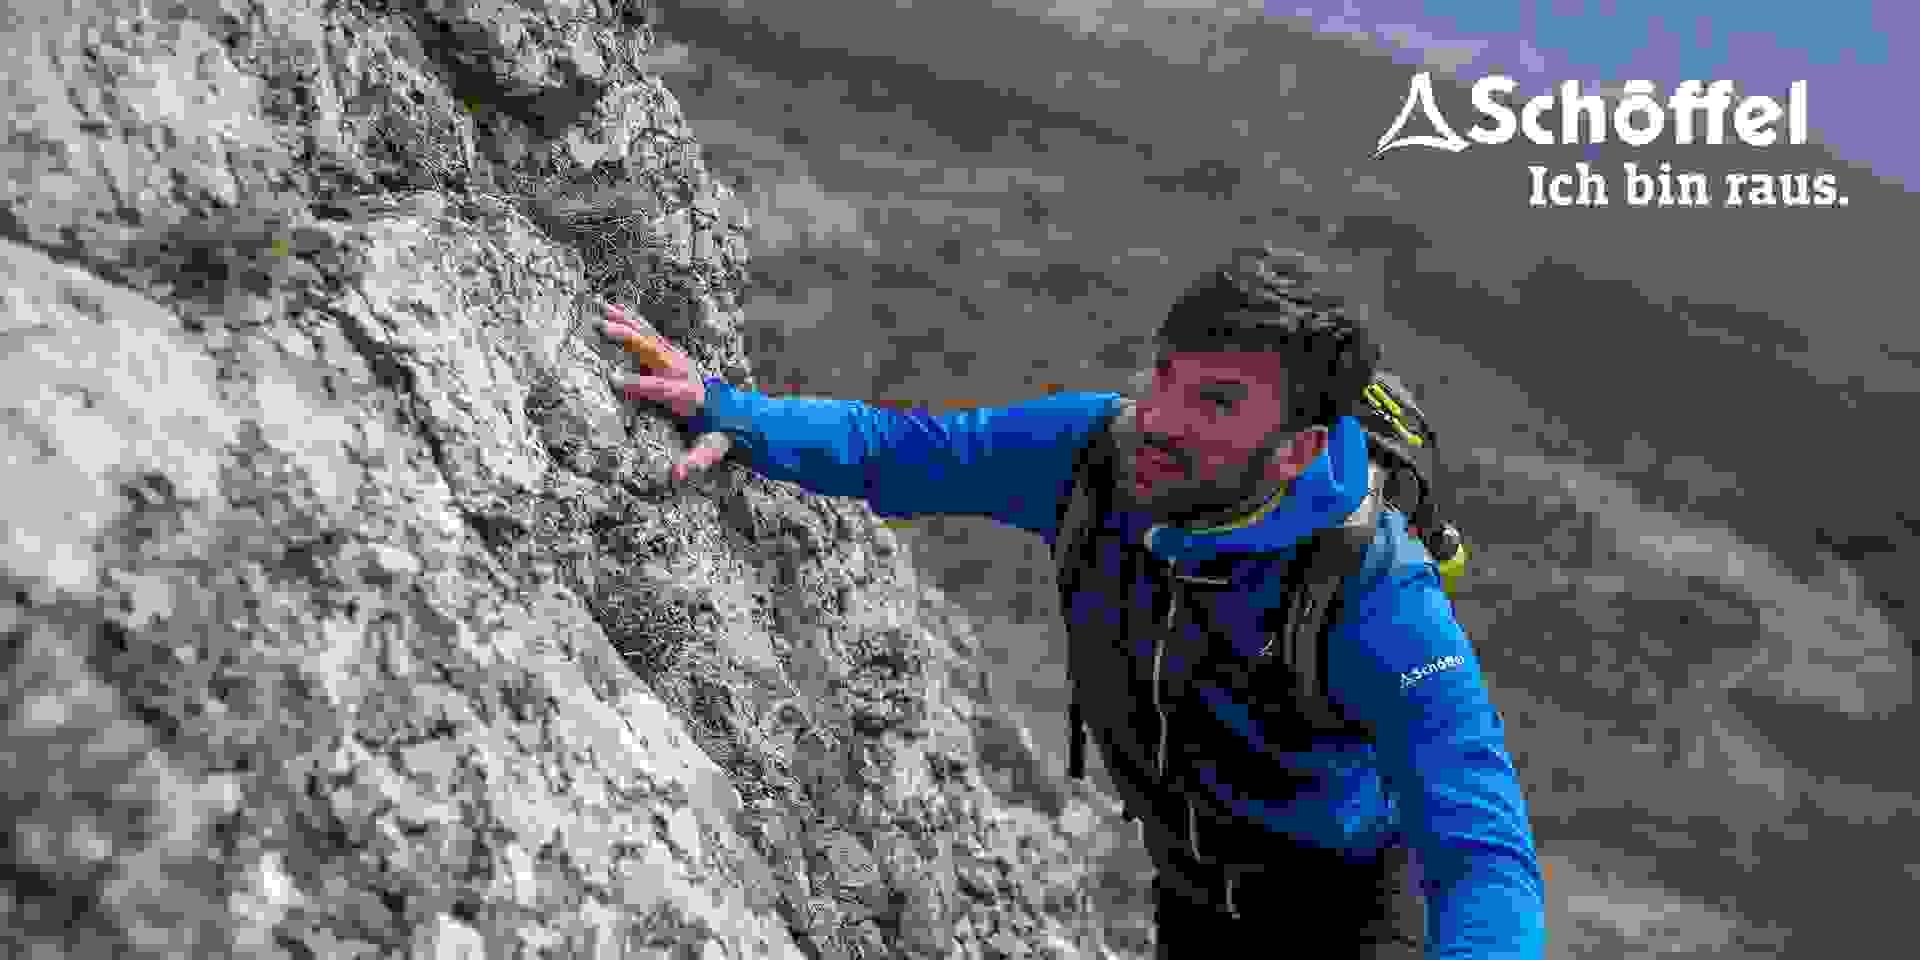 Ein Mann trägt eine Schöffel ZipIn! Jacke während er eine einfachere Kletterstelle überwindet.